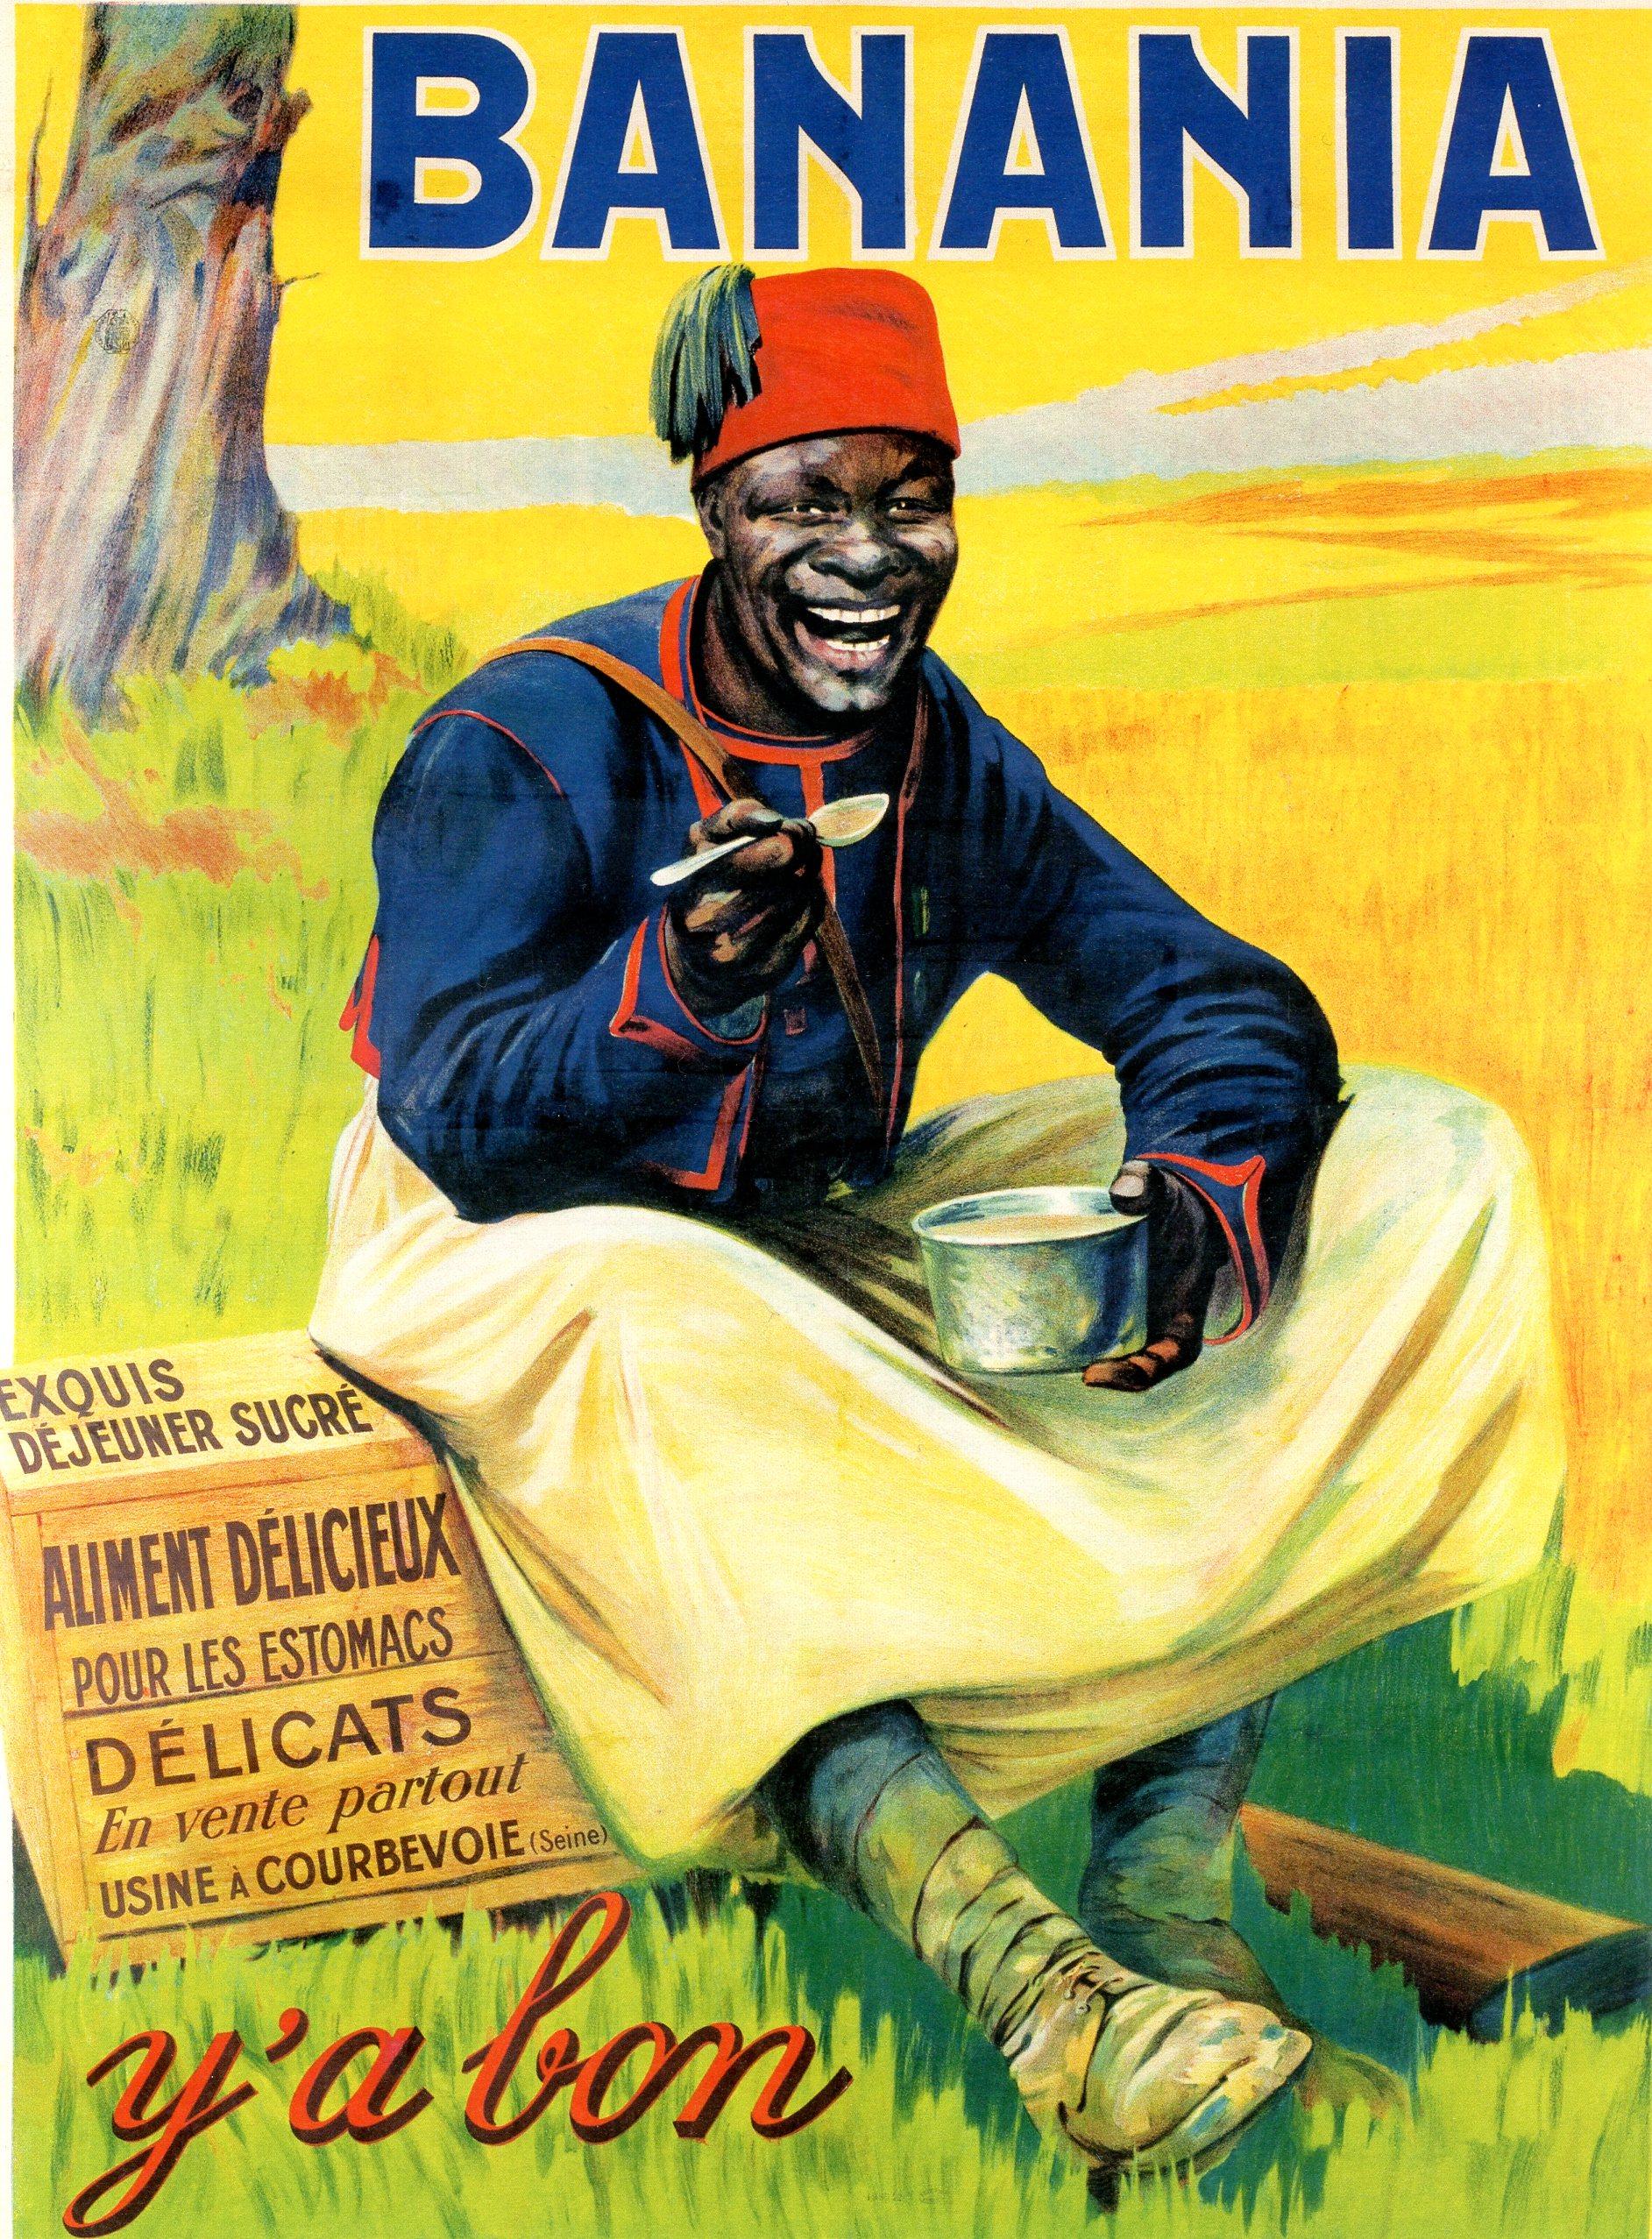 Giacomo de Andreis, publicité Banania, 1915.